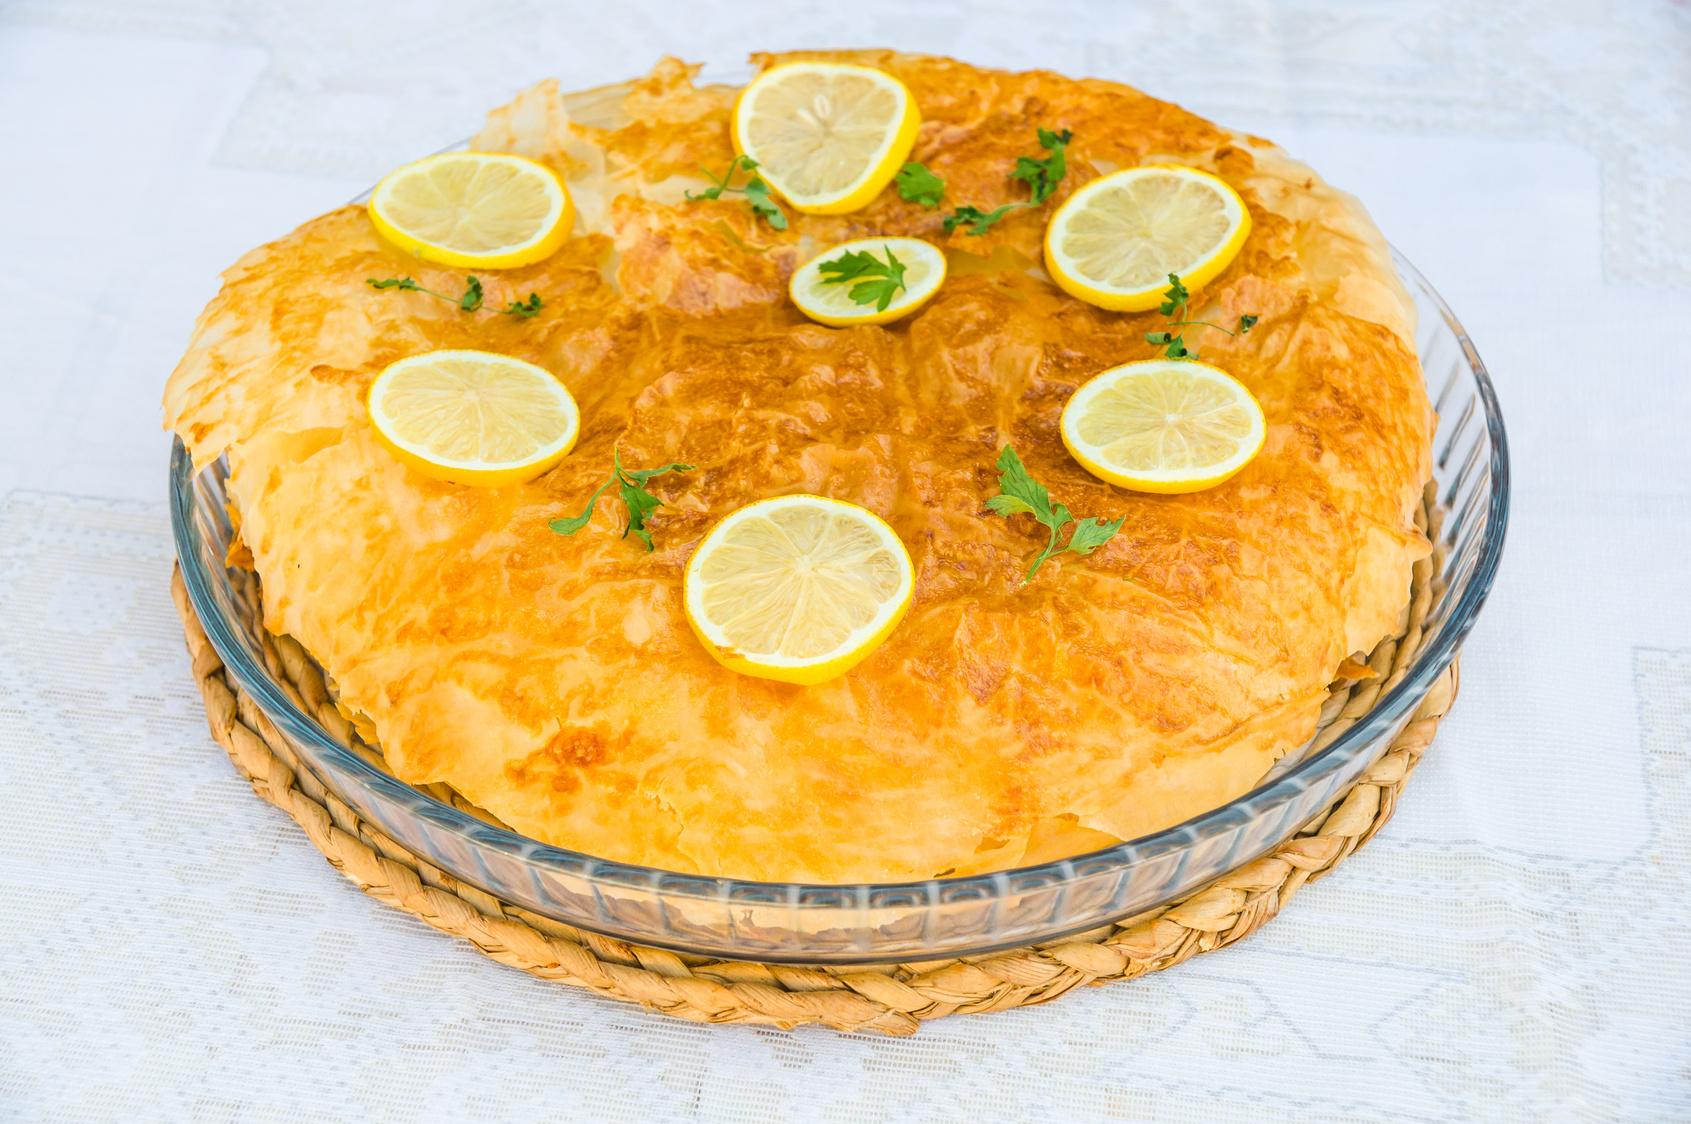 Pastilla au poisson traditionnelle